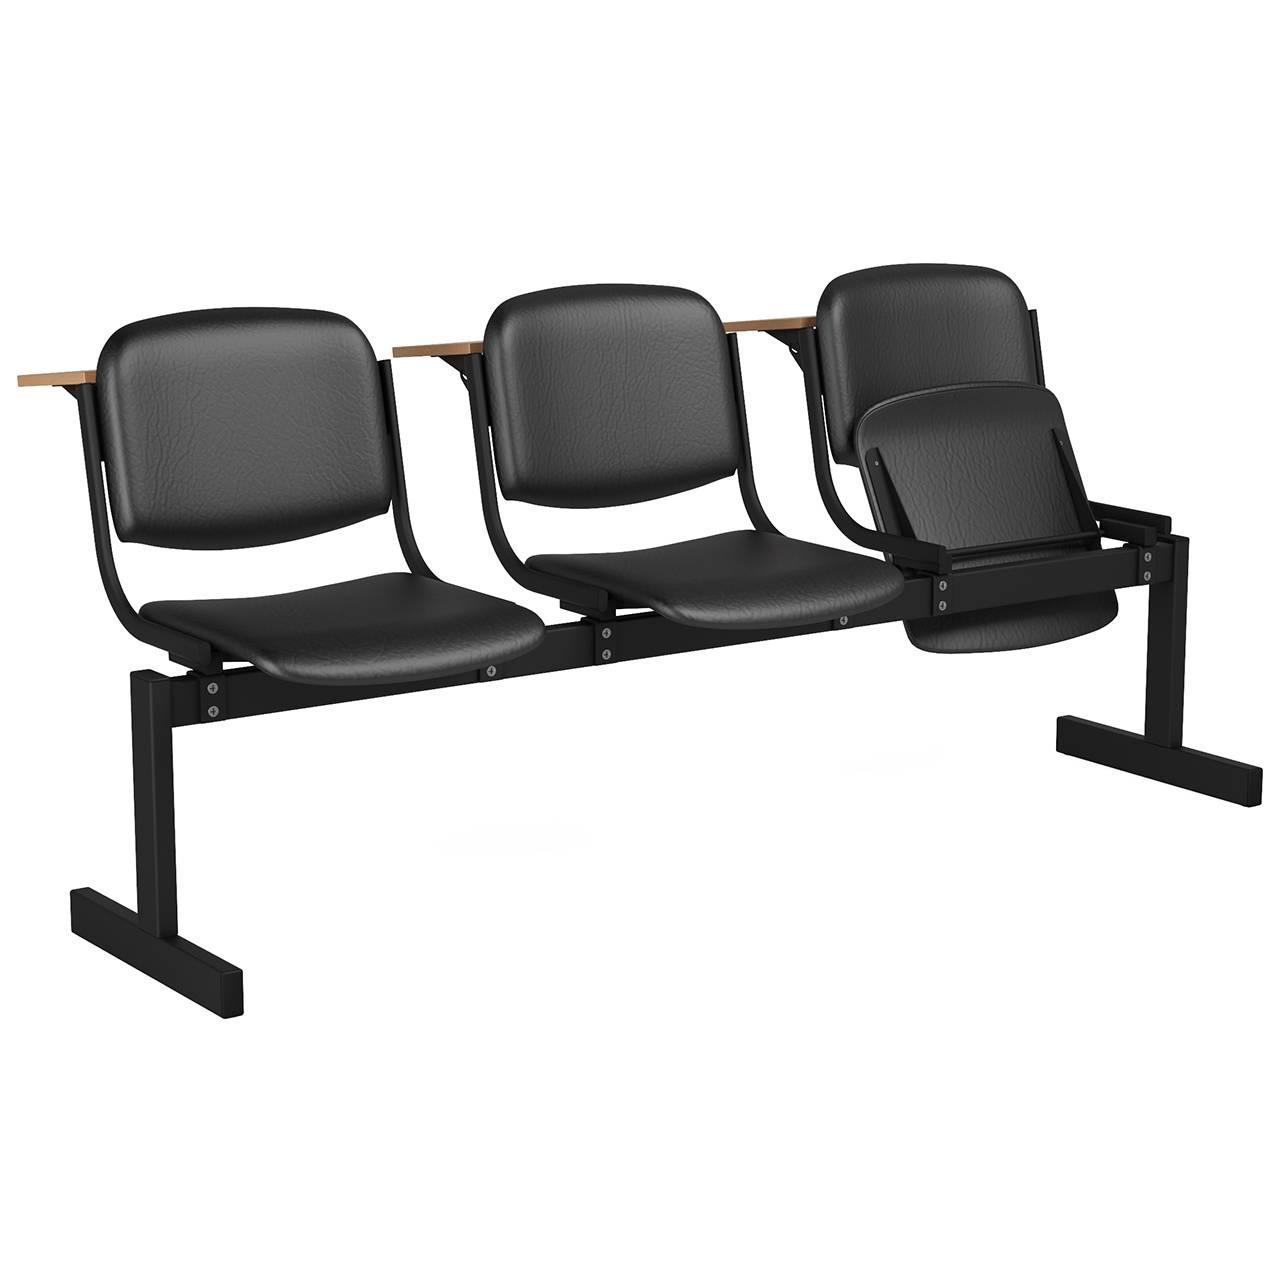 3-местный, откидывающиеся сиденья, мягкий, лекционный черный черный Кожзаменитель